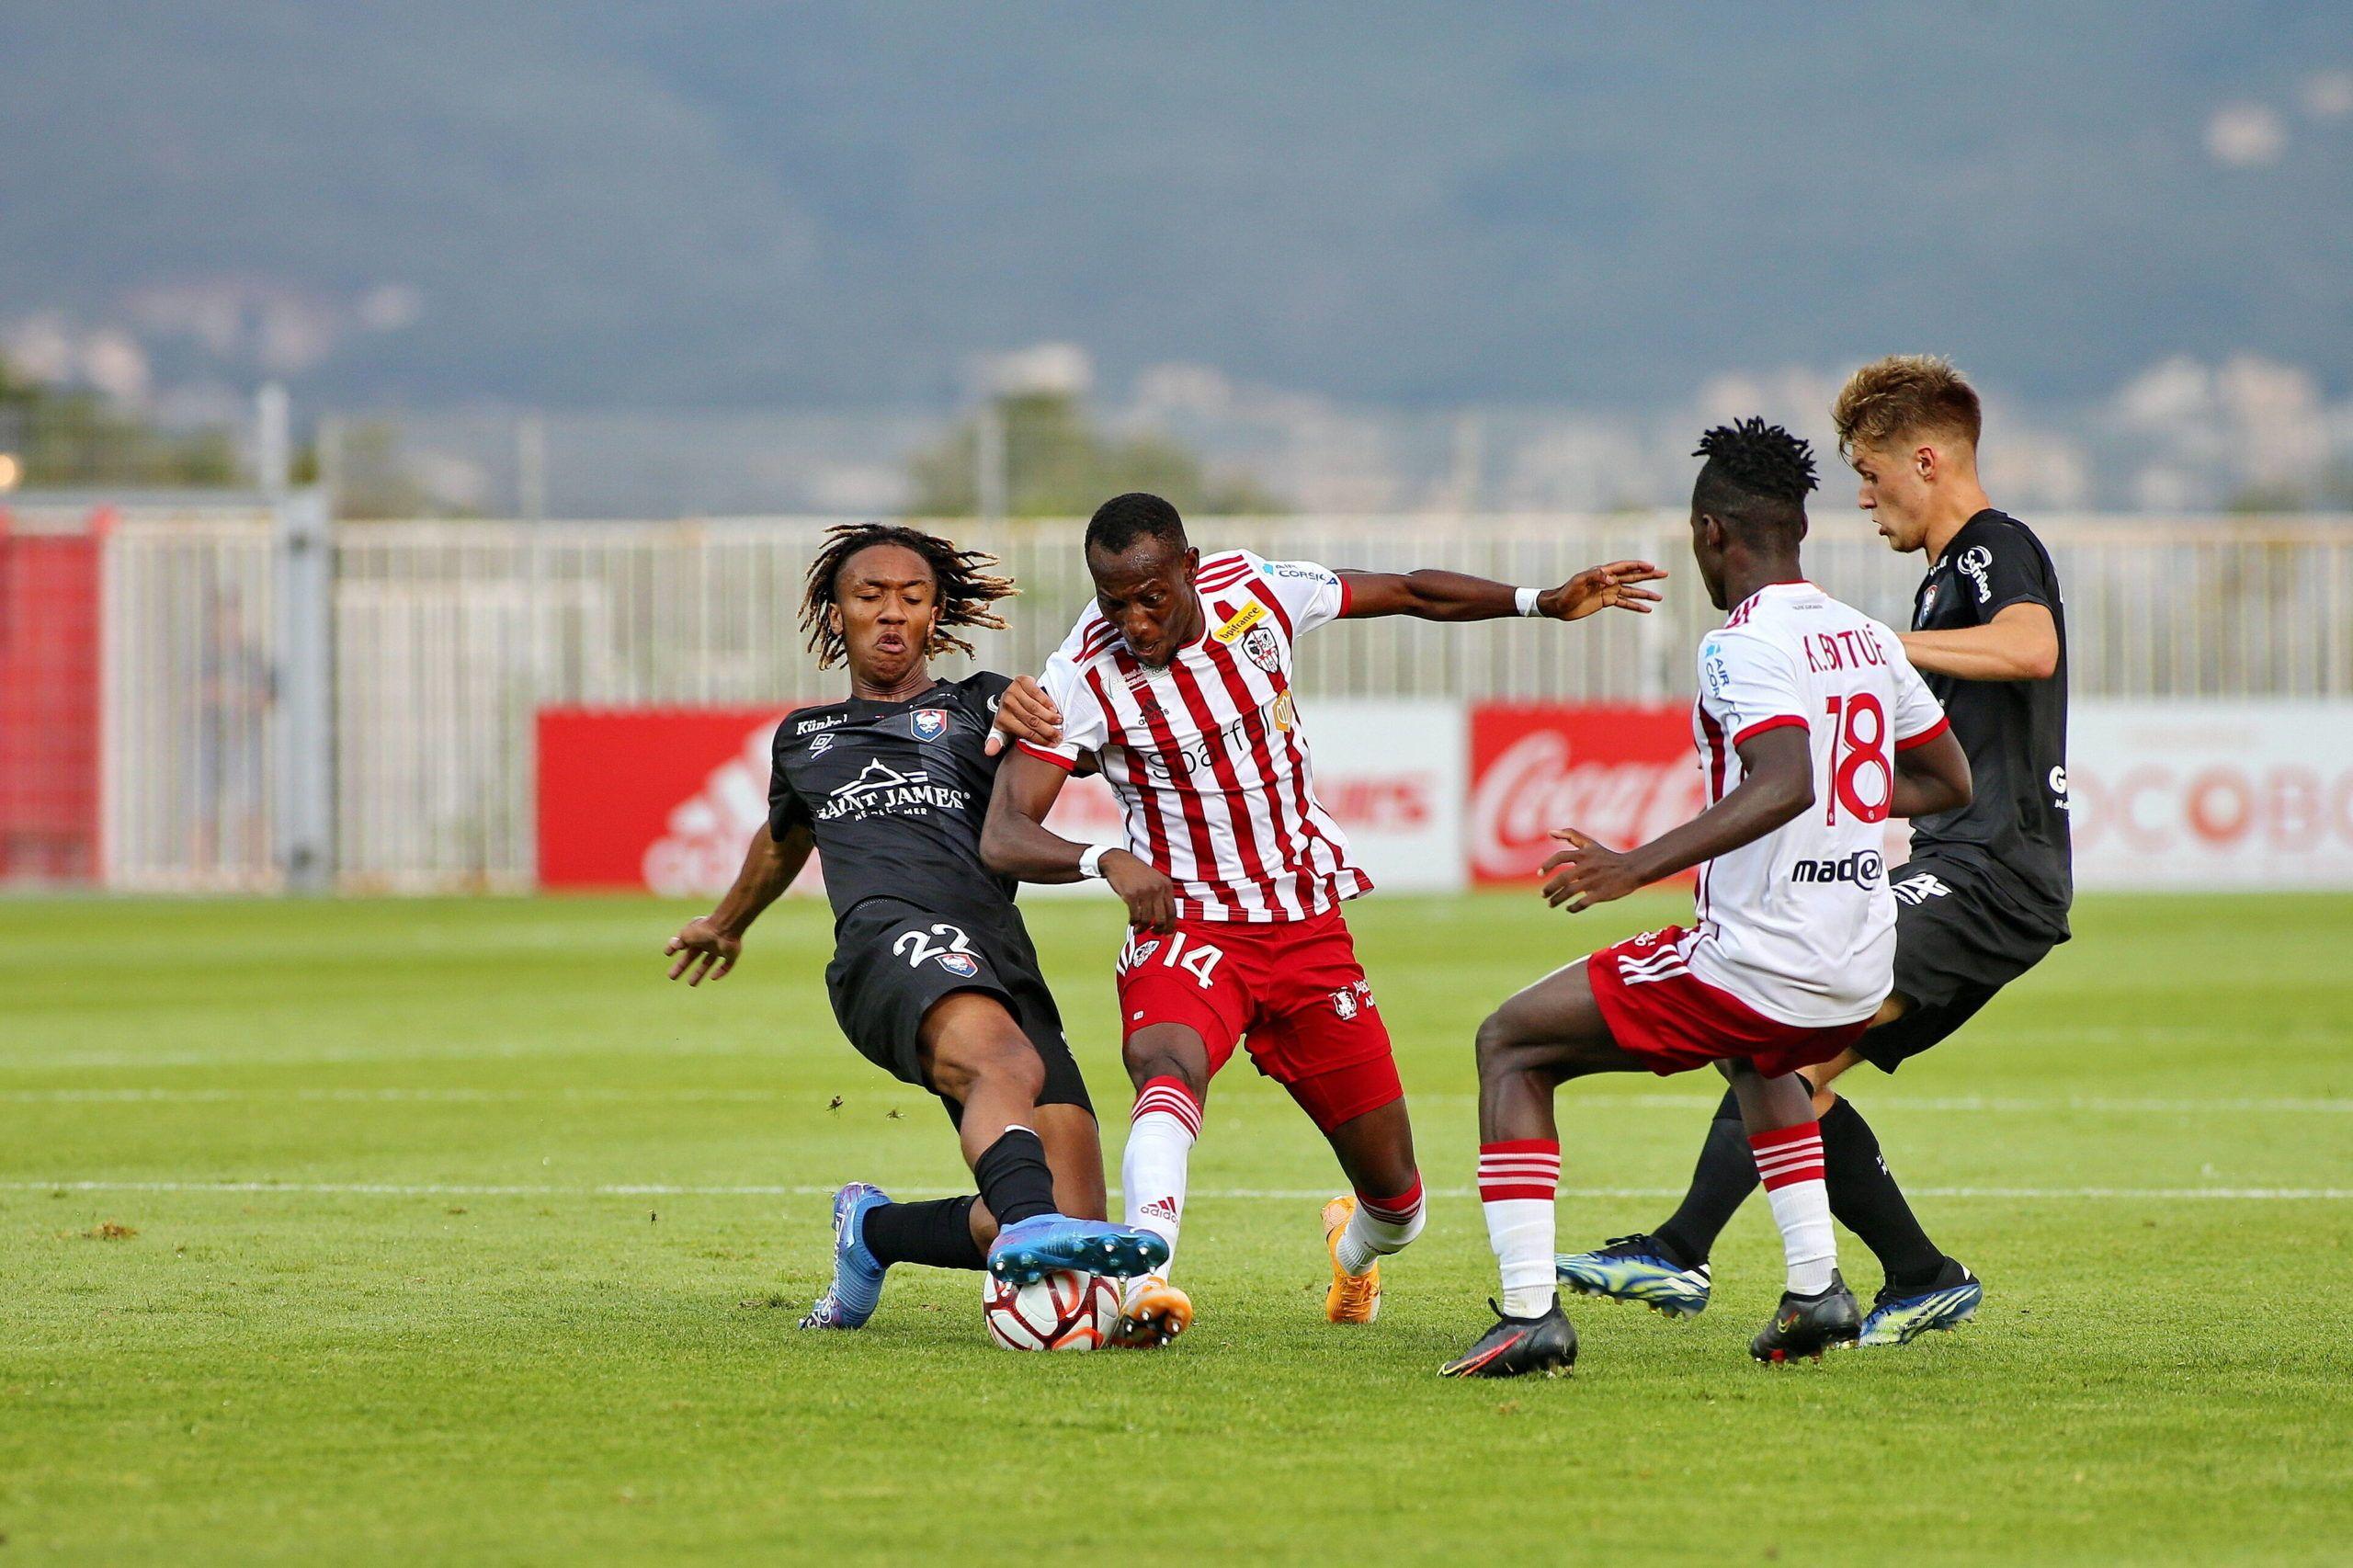 Soirée cauchemardesque pour le SM Caen sur la pelouse d'Ajaccio (2-0)